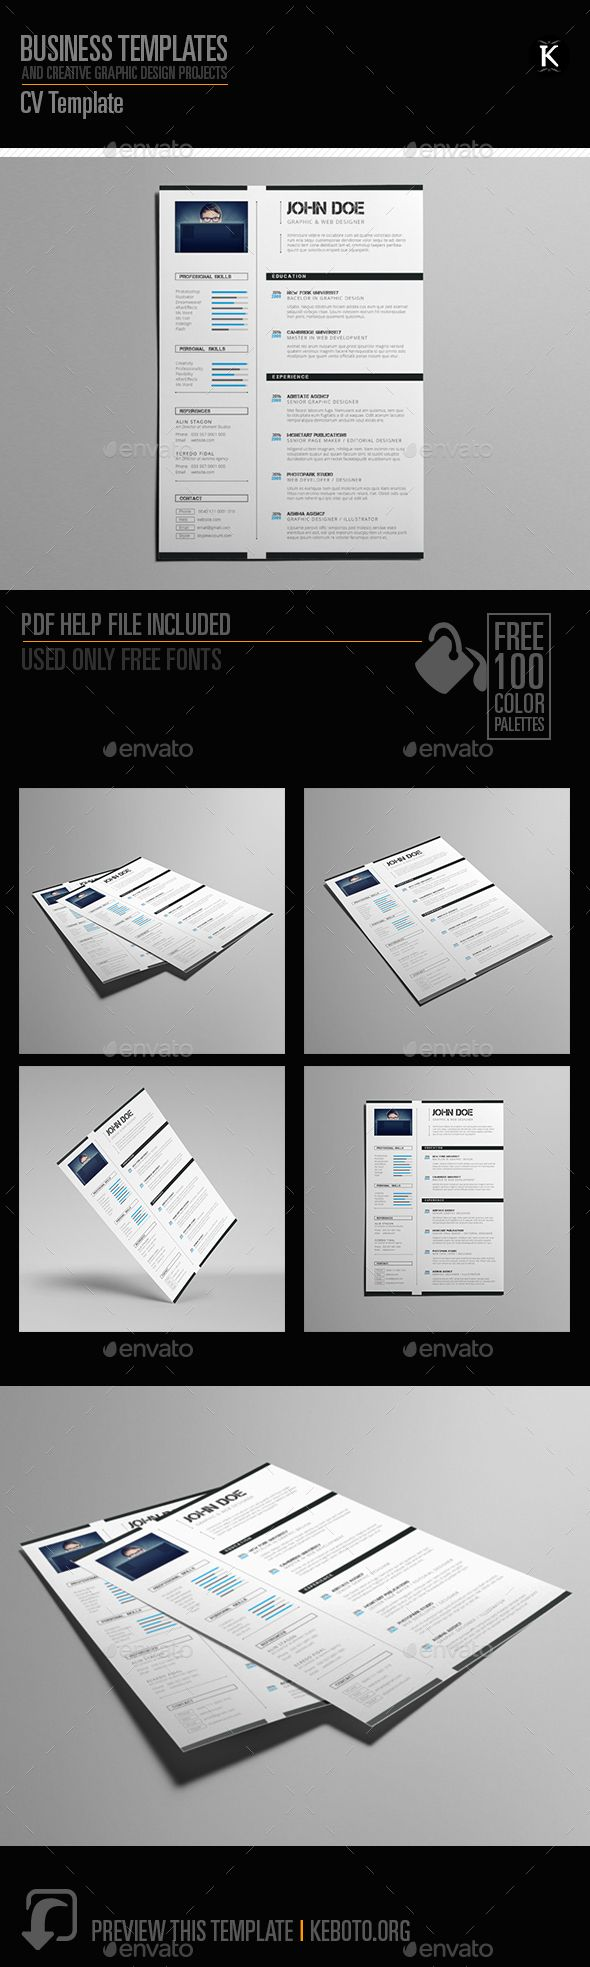 CV Template | Pinterest